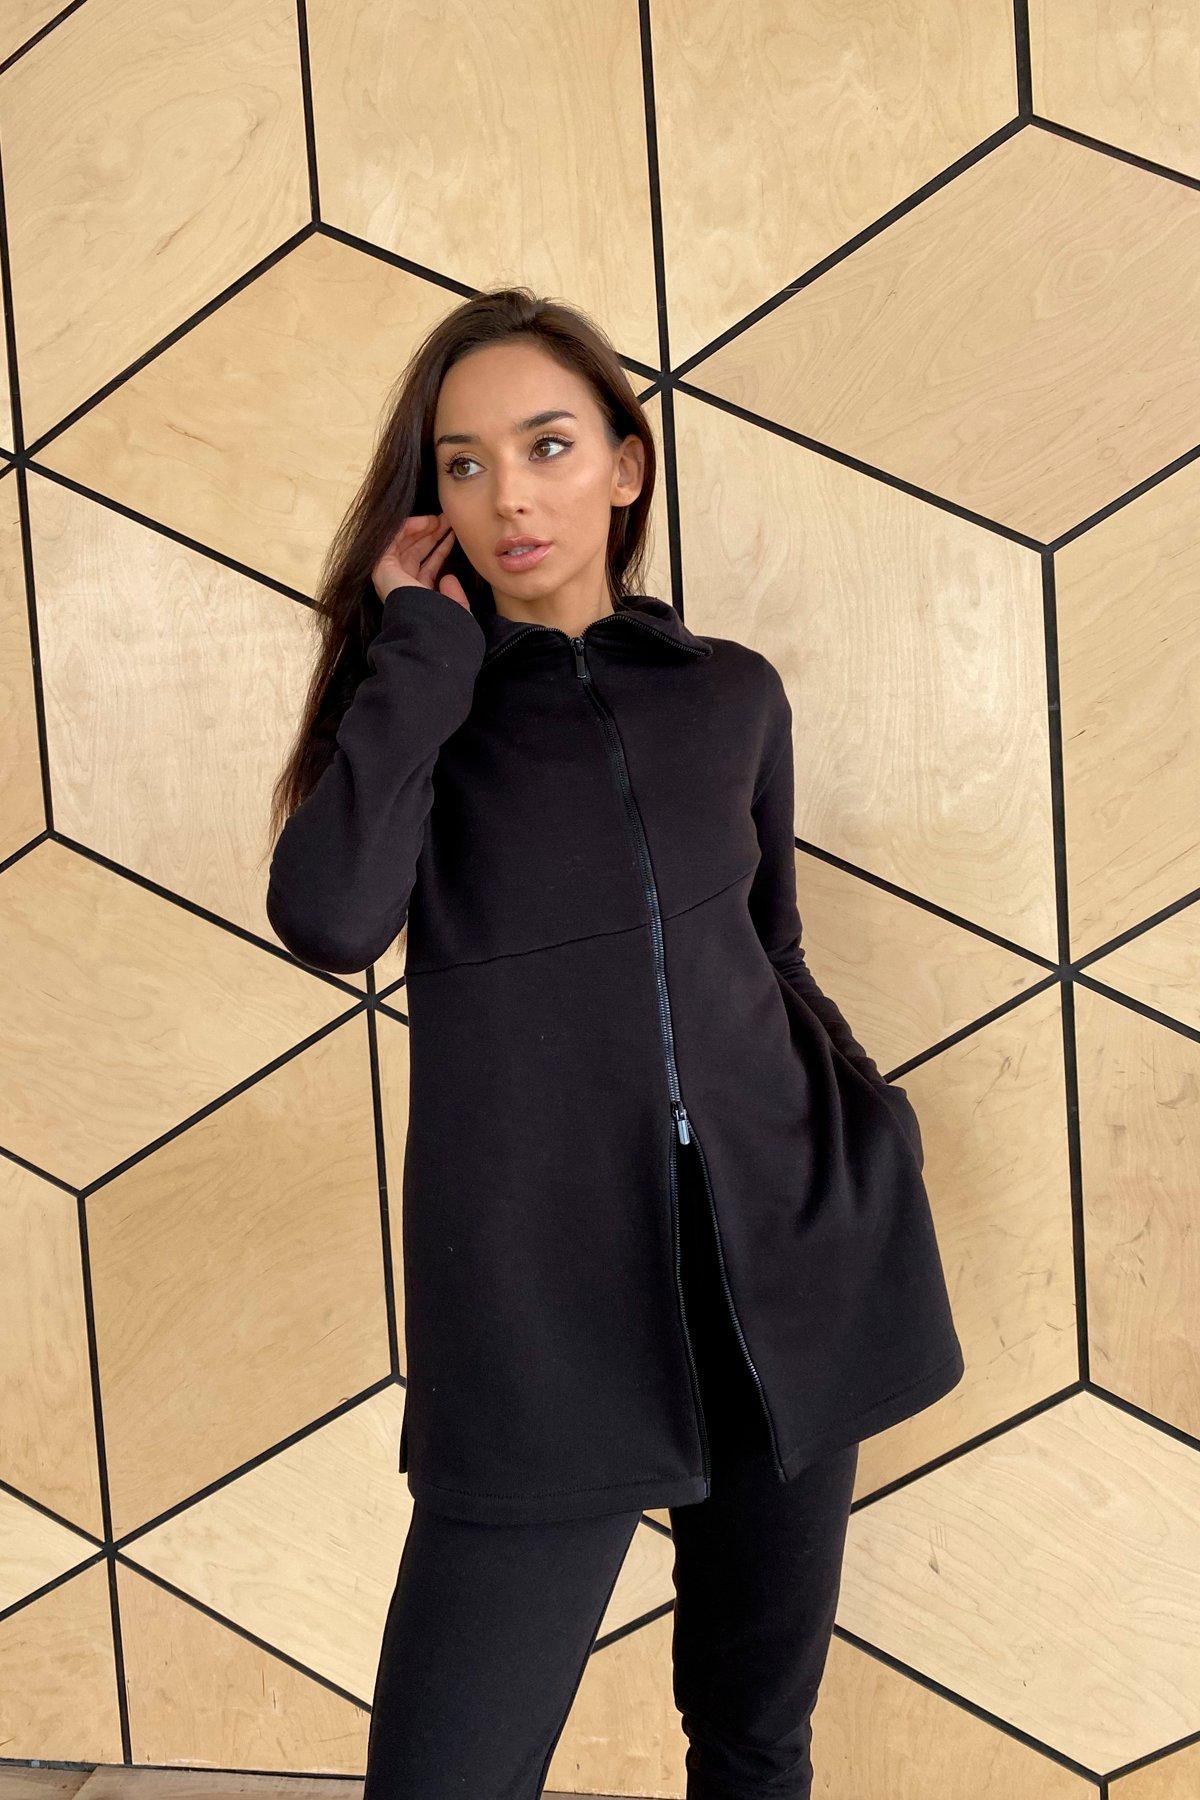 Деко трикотаж 3х нитка костюм 10005 АРТ. 46303 Цвет: Черный - фото 6, интернет магазин tm-modus.ru